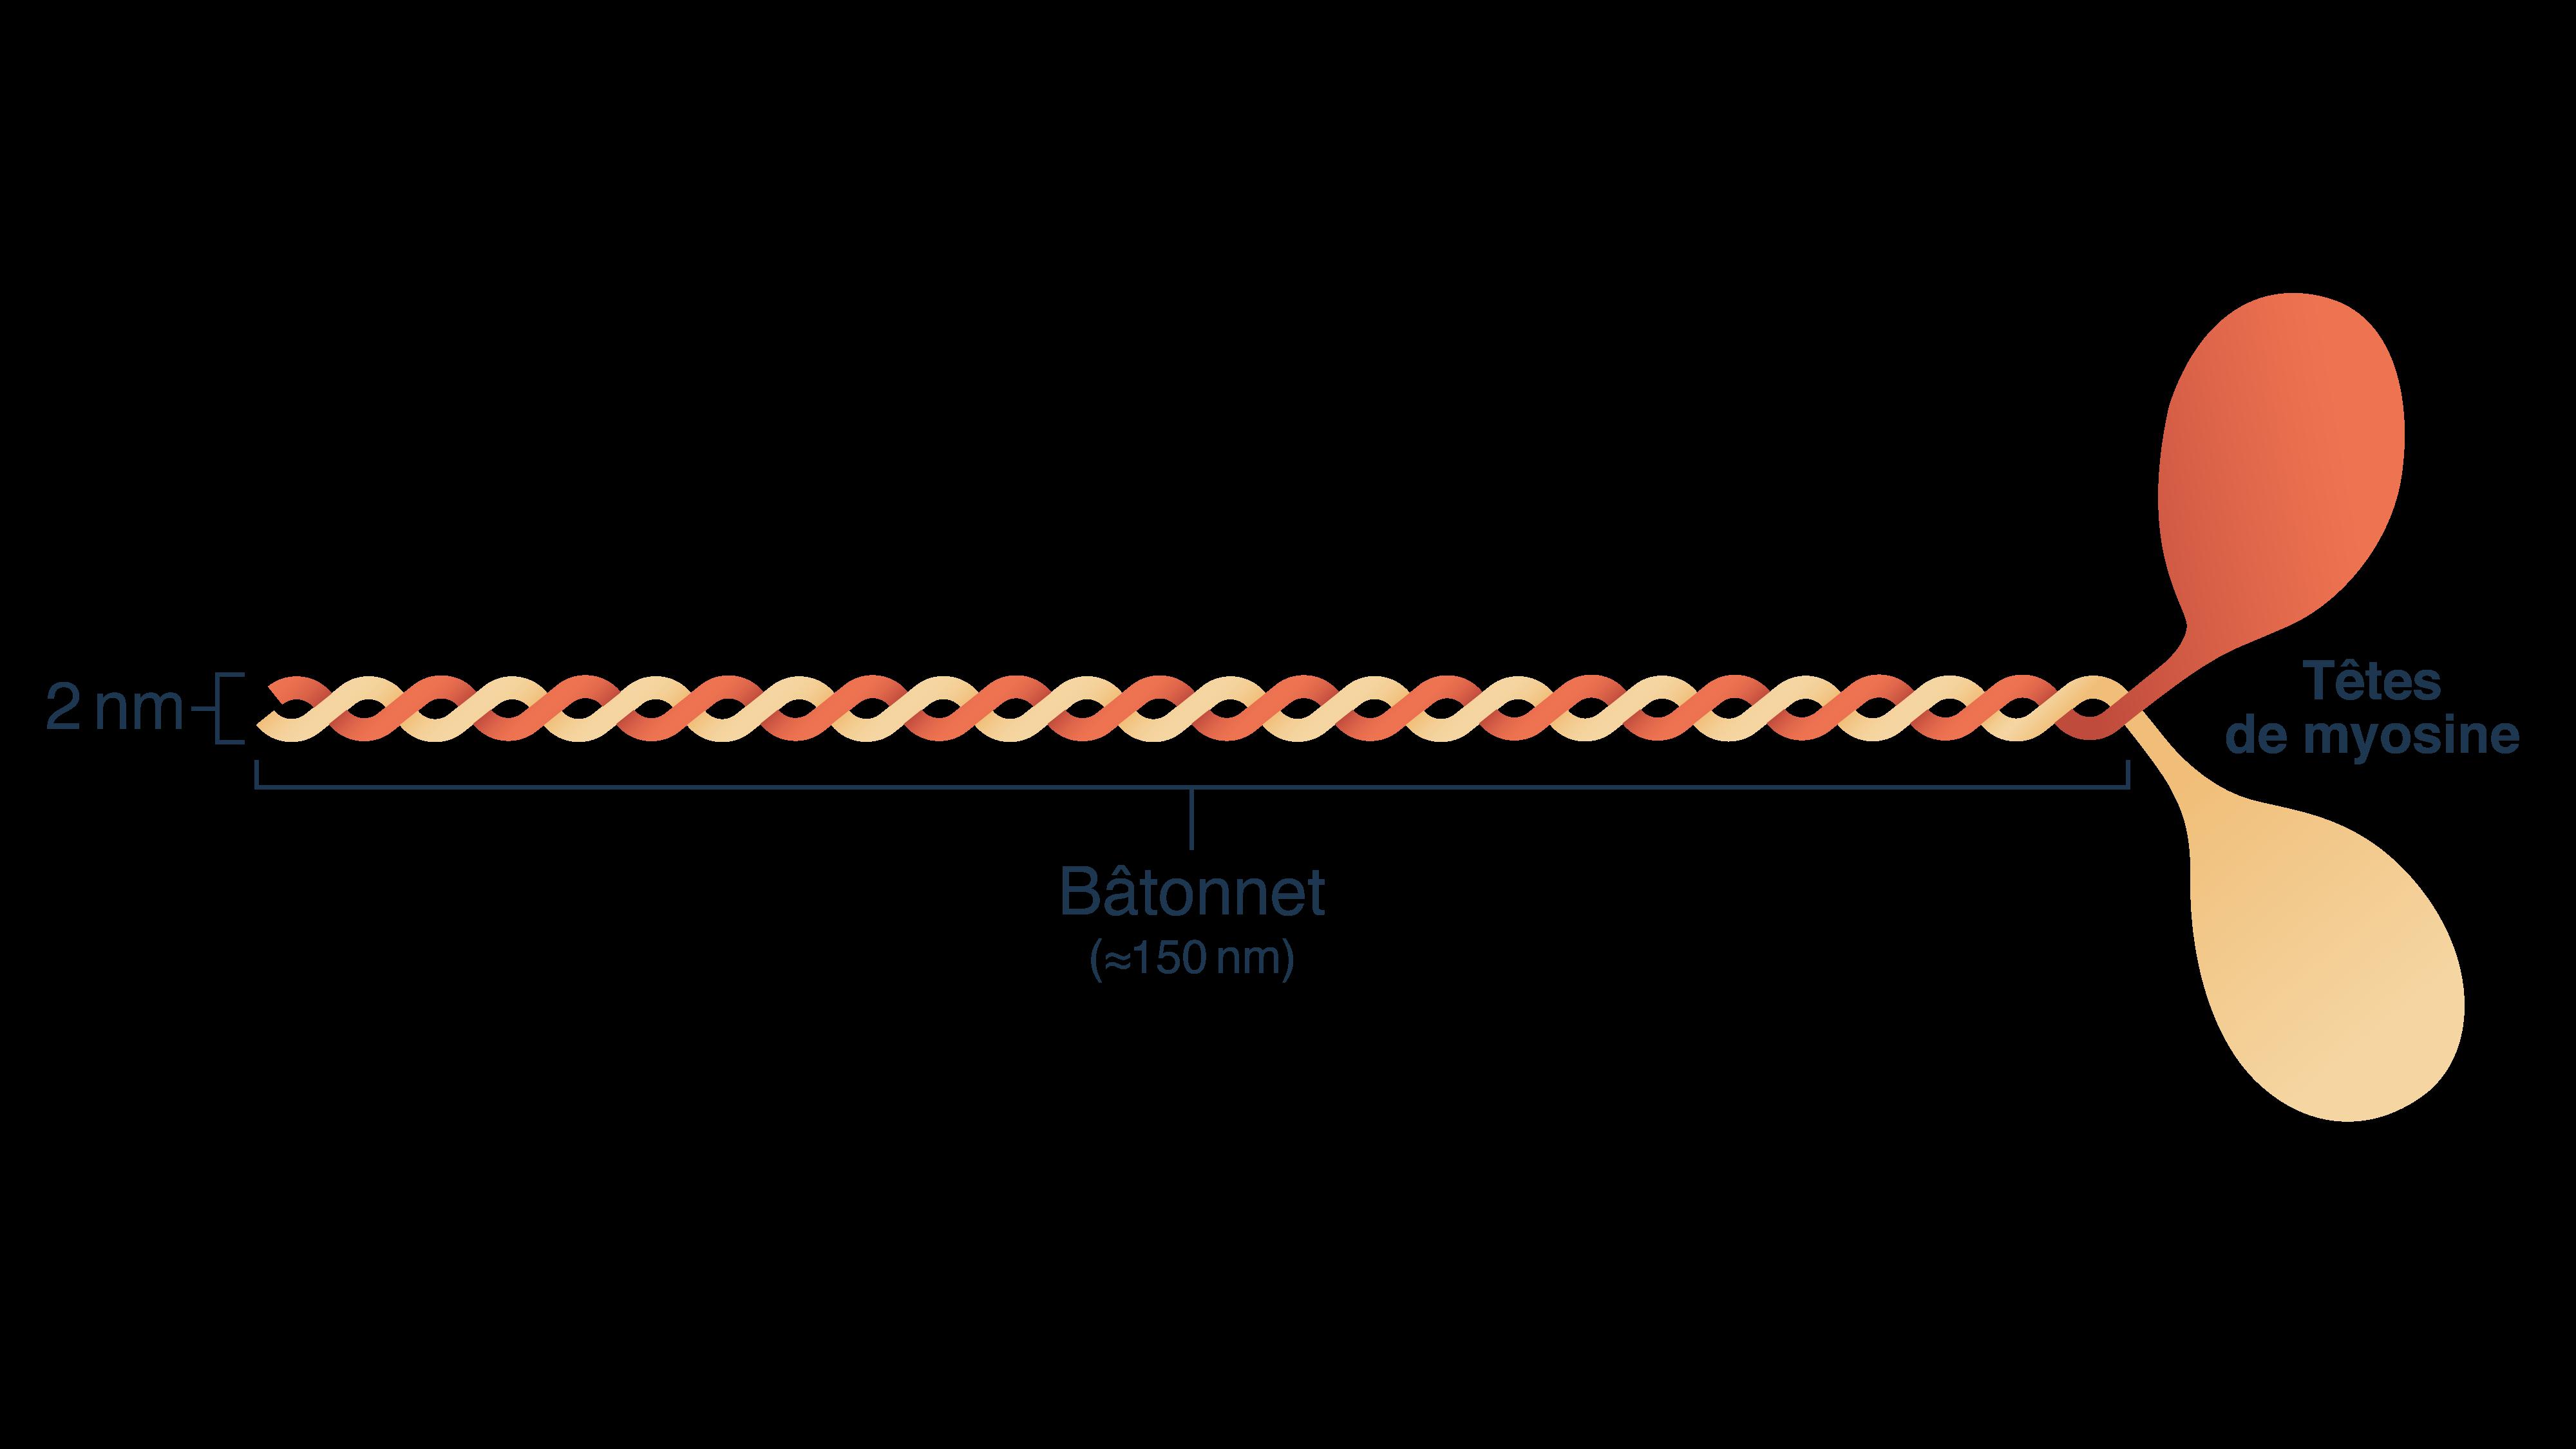 Têtes de myosine